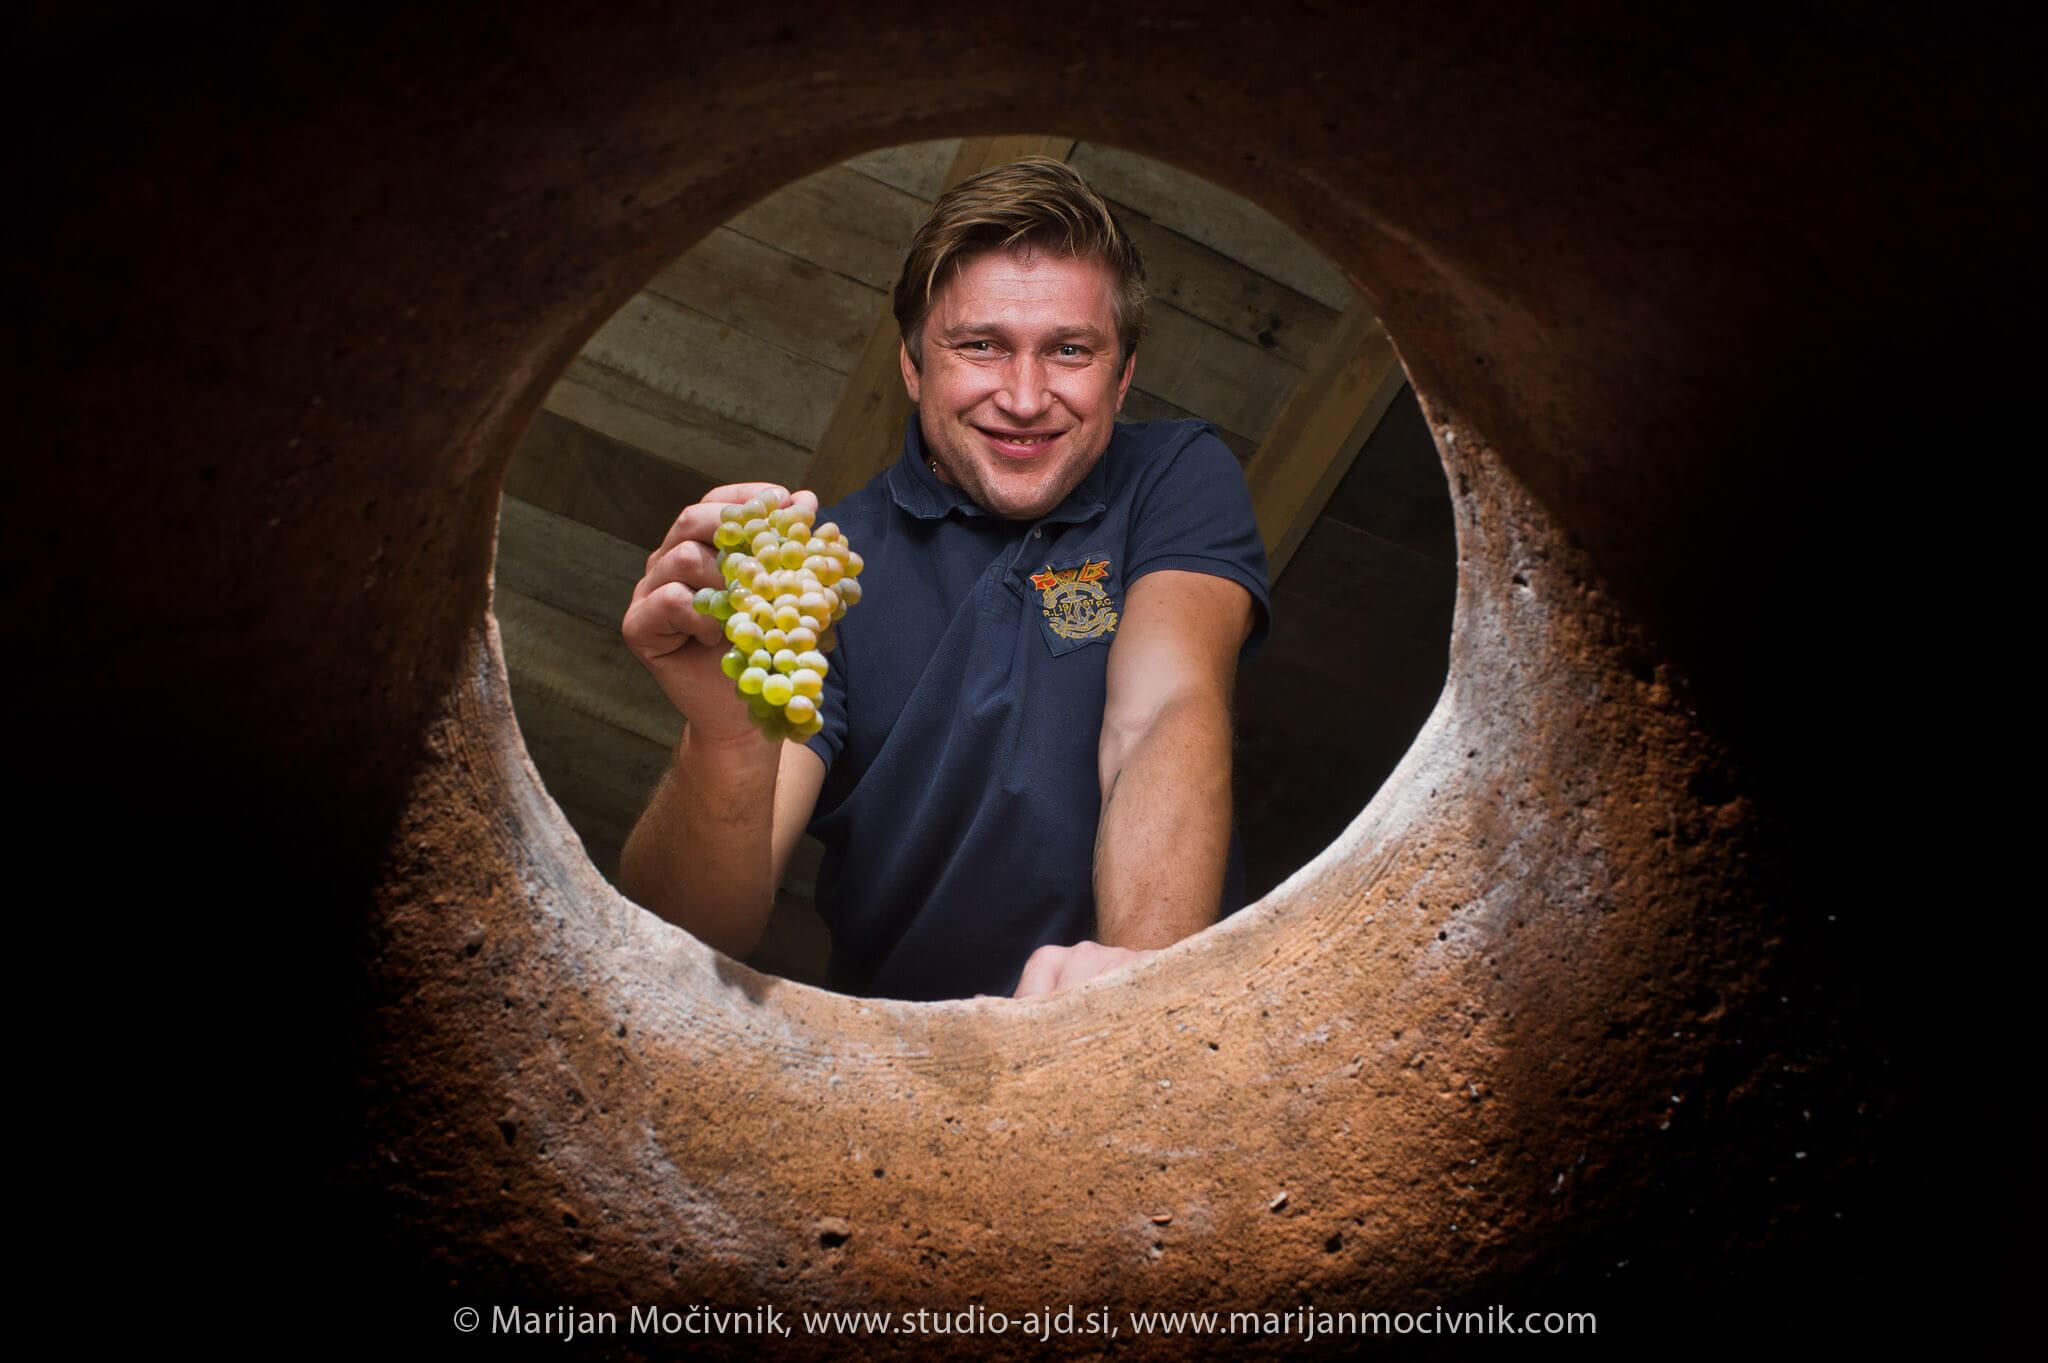 Vladimer Boisa z grozdom sorte Erkaciteli, pogled iz notranjosti več kot 100 let starega kvevrija (glinena posoda za vino, vkopana v tla) v njegovi kleti v Gruziji.